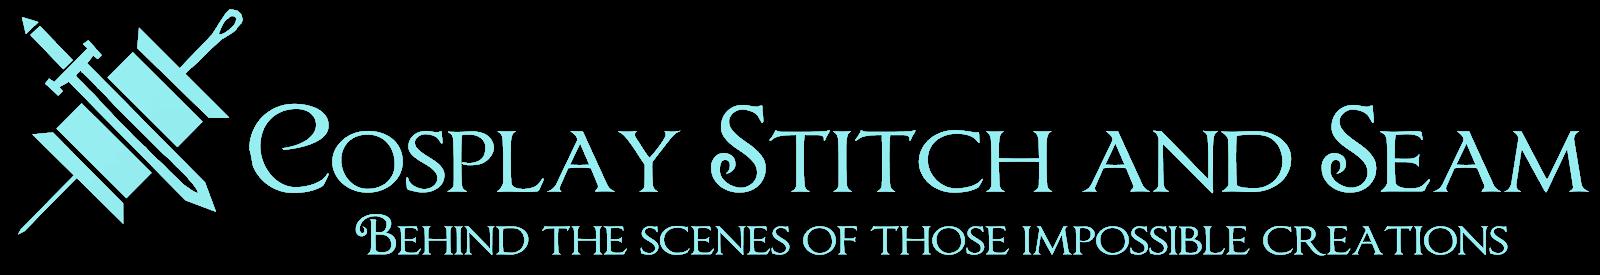 Cosplay Stitch and Seam